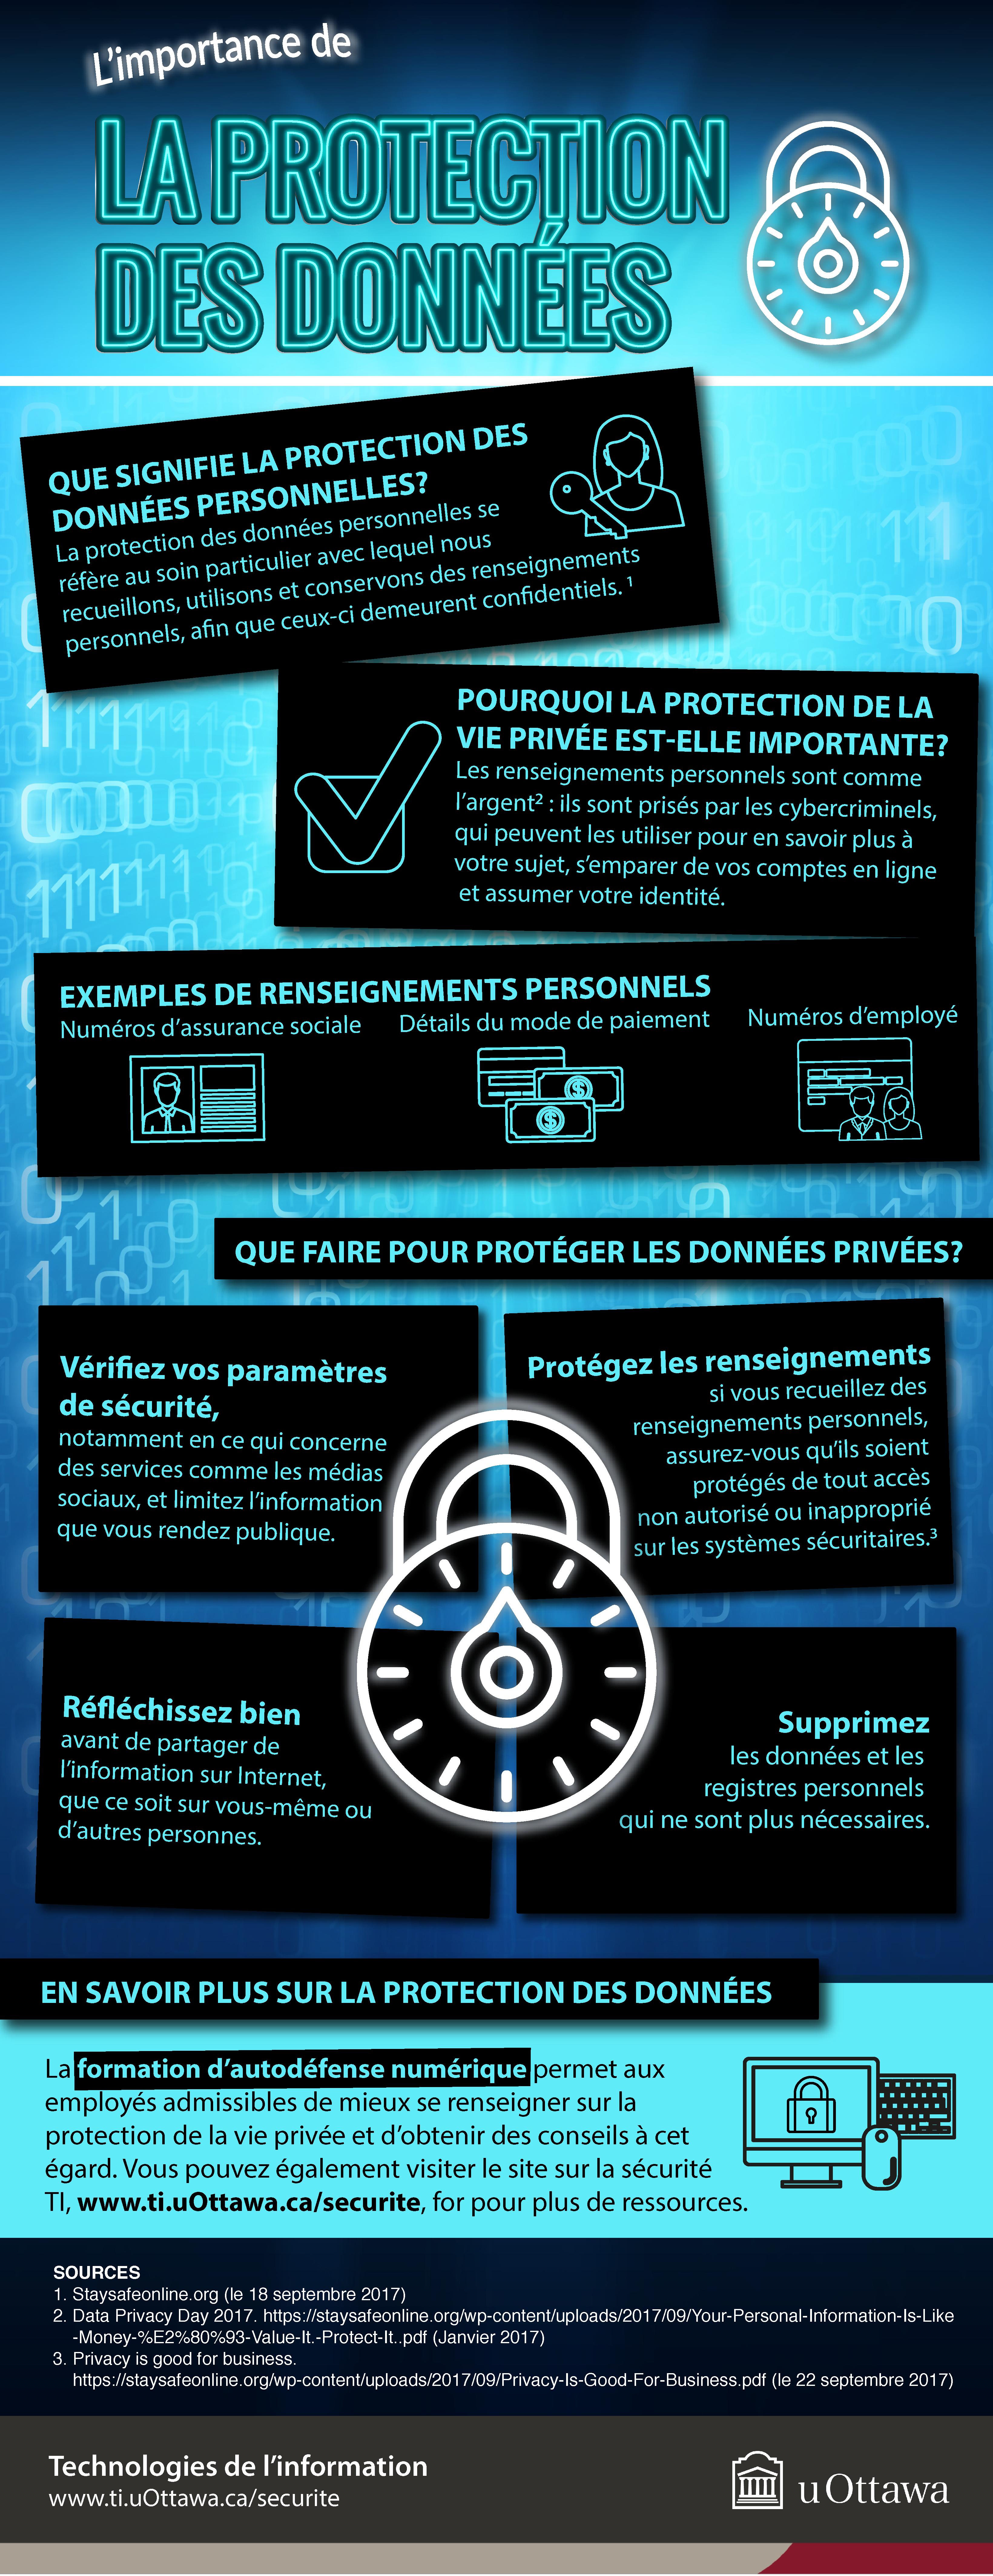 La protection des données personelles